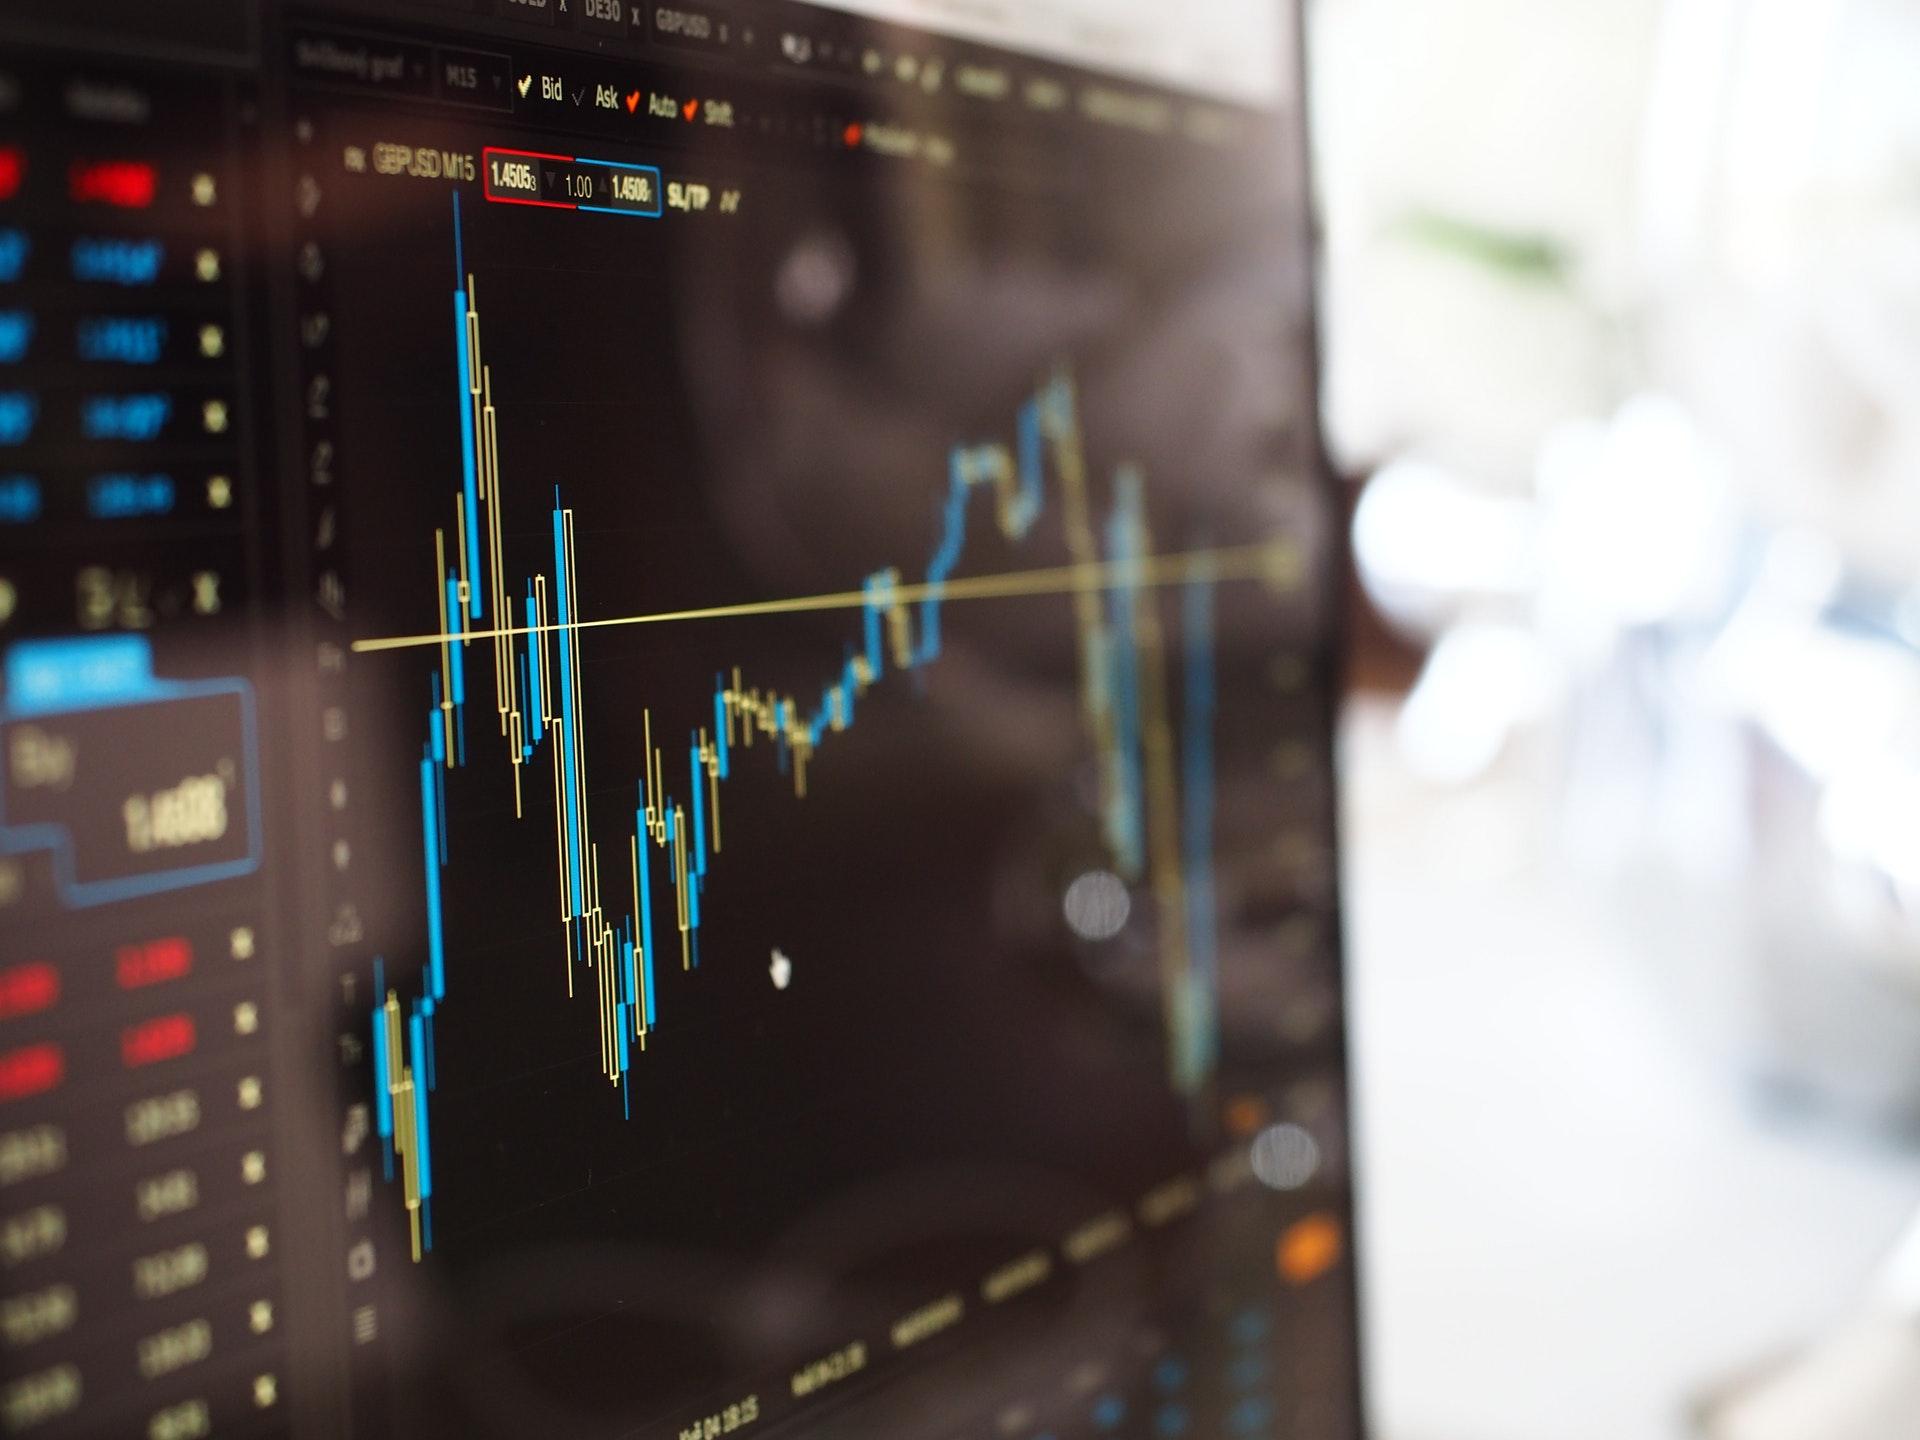 Gegen das Auf und Ab an der Börse können sich Anleger zum Glück absichern. / Symbolfoto: Pexels